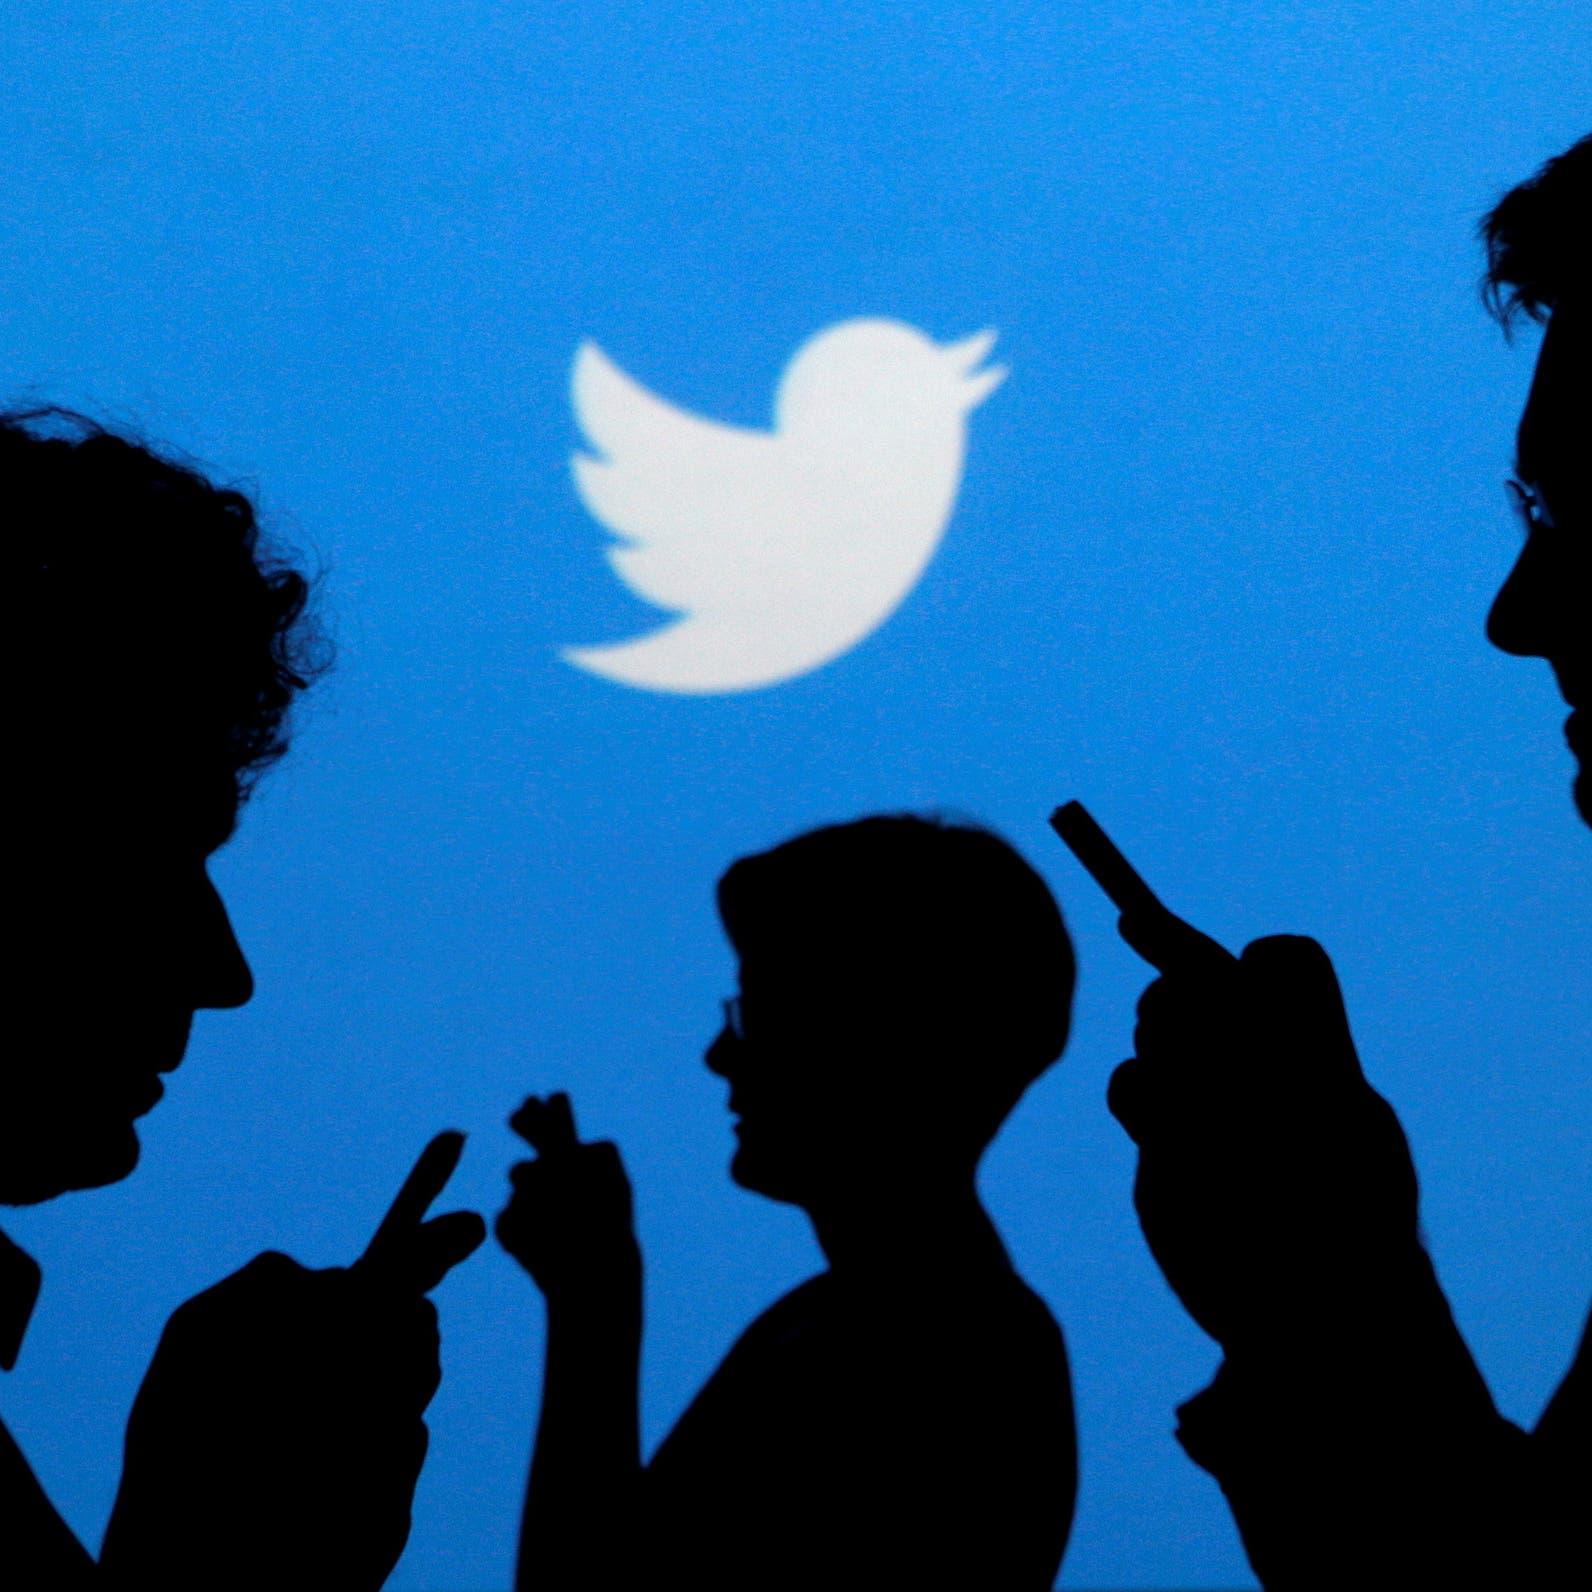 تويتر يسمح للمستخدمين بالإبلاغ عن المعلومات المضللة لأول مرة